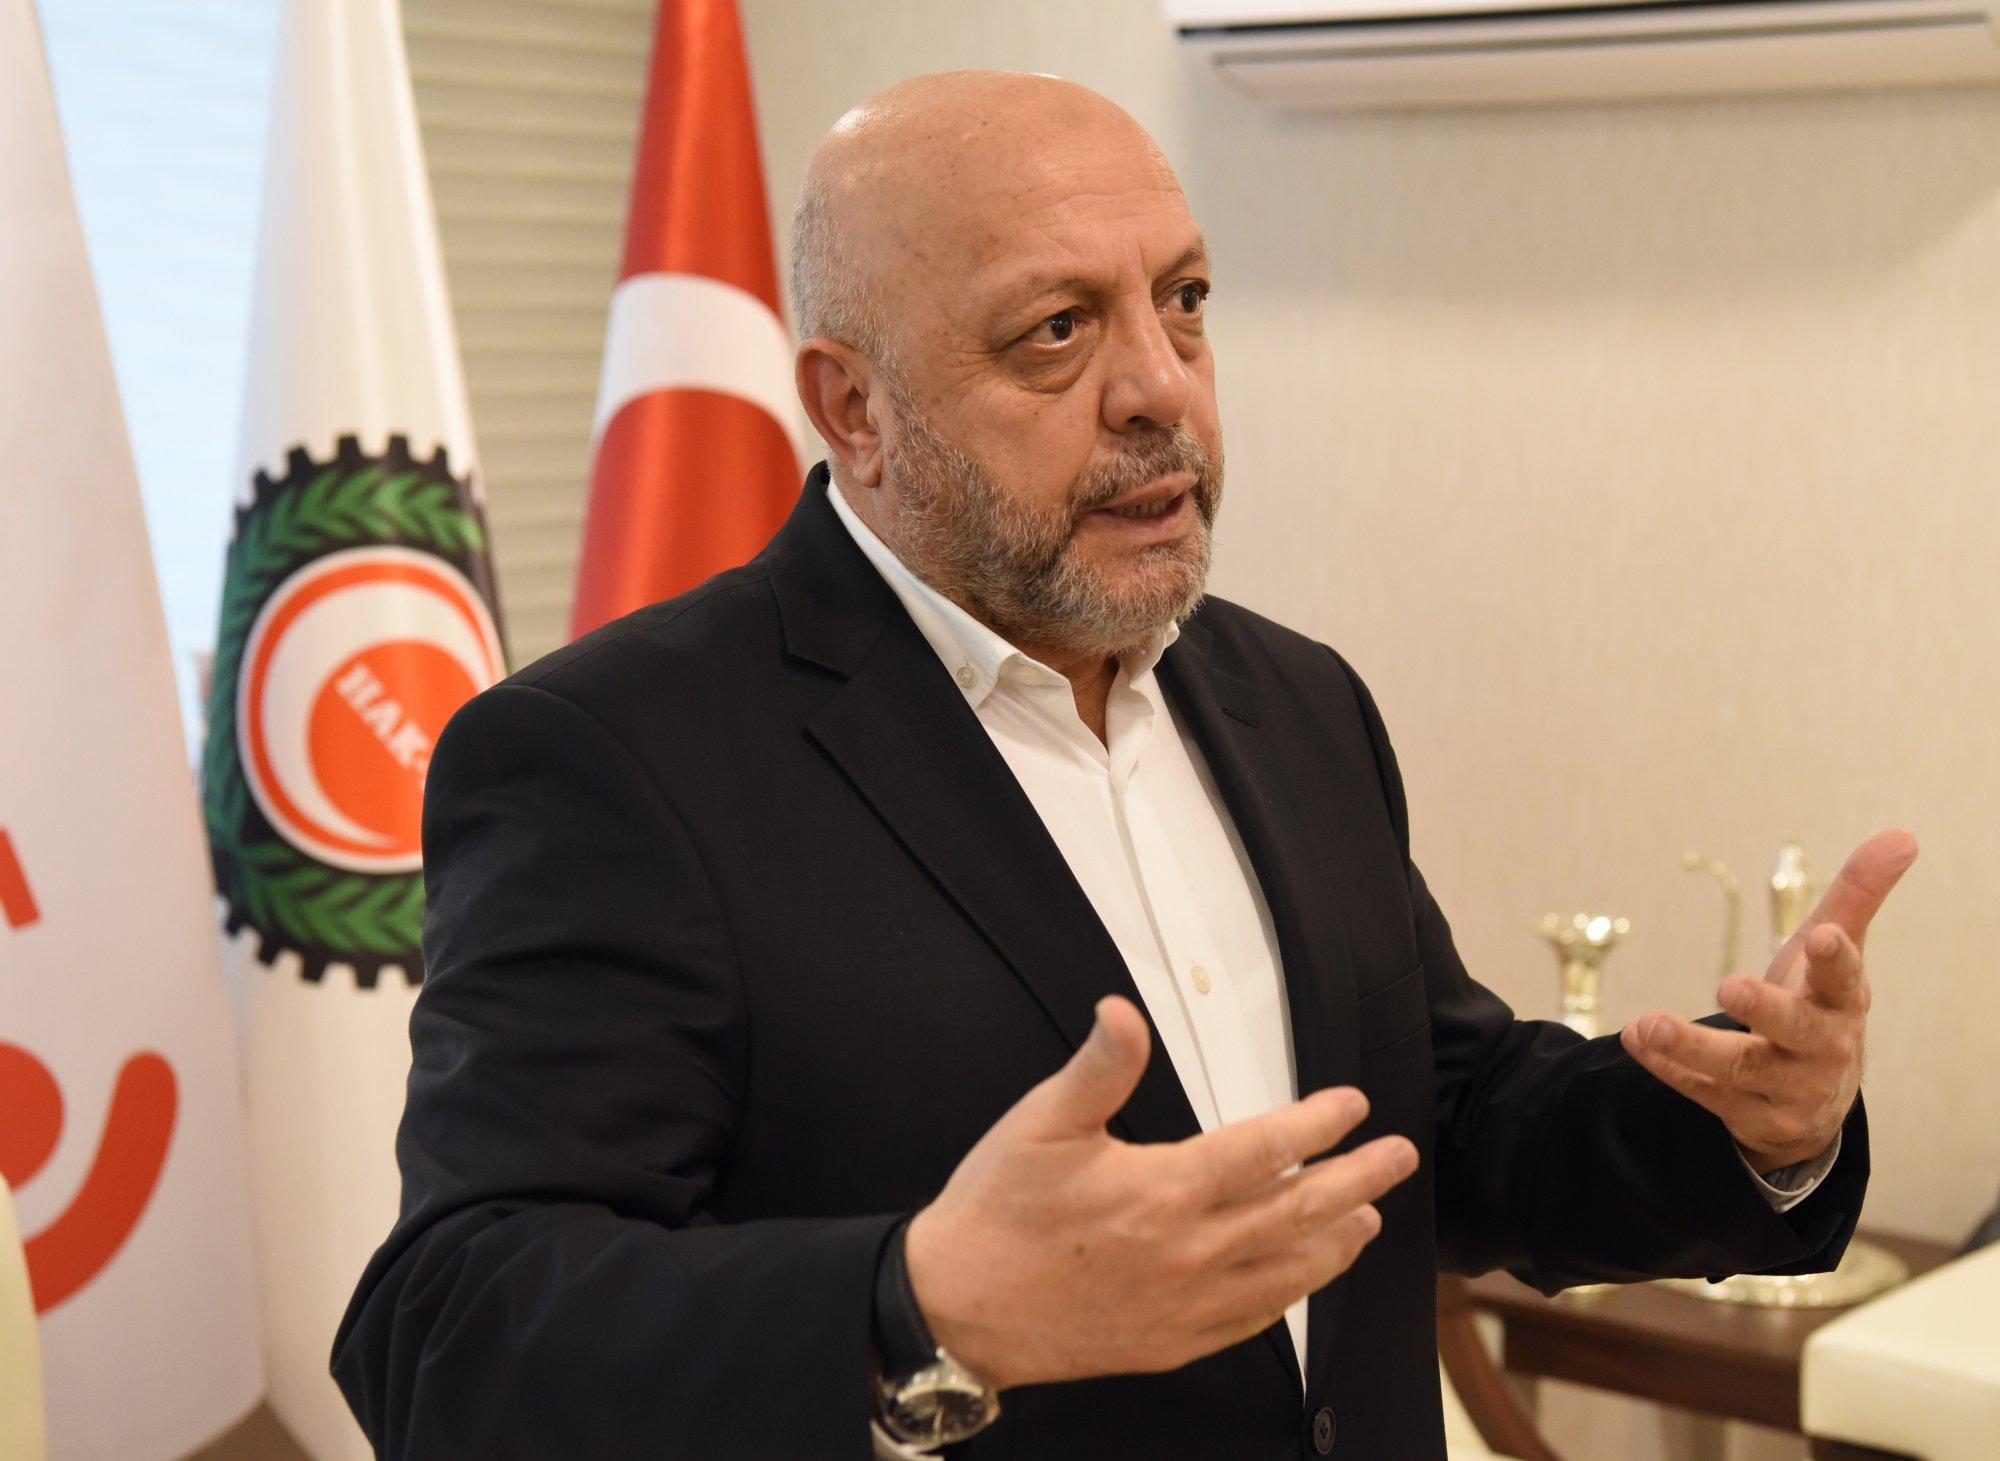 """""""ASGARİ ÜCRETTEKİ ARTIŞ BEKLENTİLERİ KARŞILAMIYOR"""""""